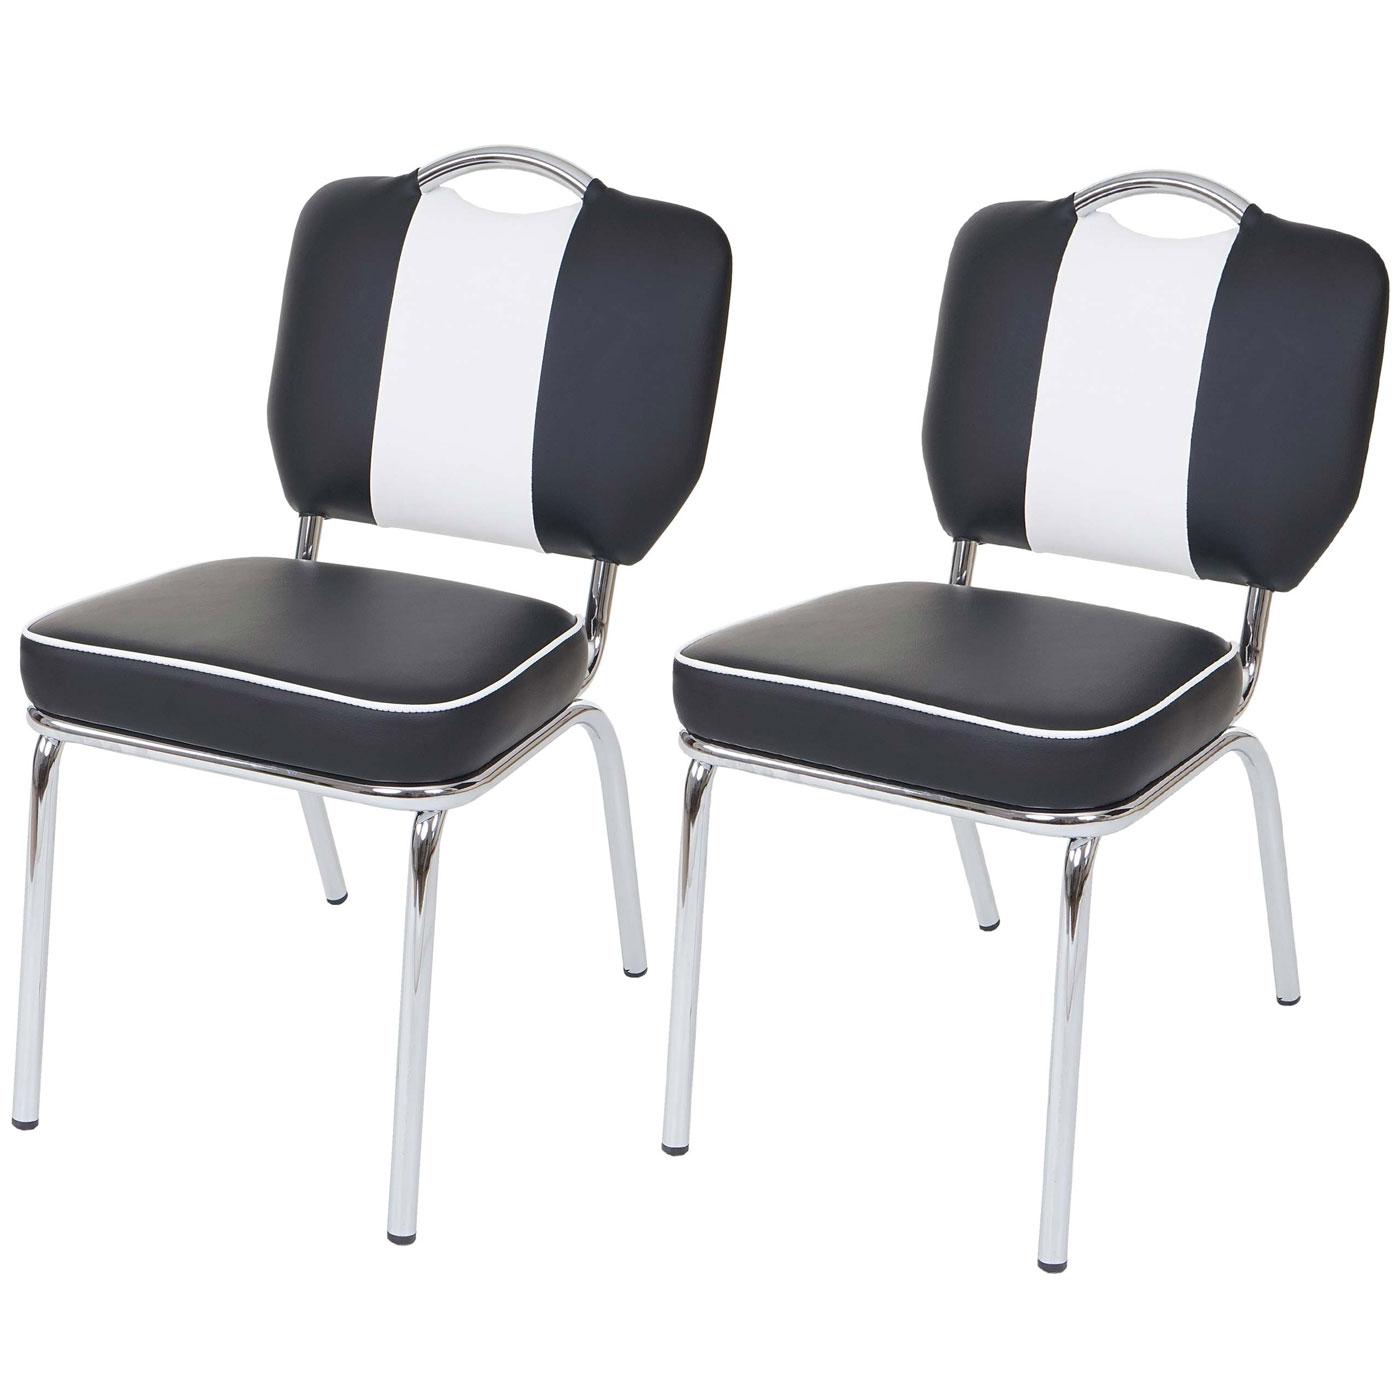 2x esszimmerstuhl avellino stuhl lehnstuhl retro 50er for Stuhl design 50er